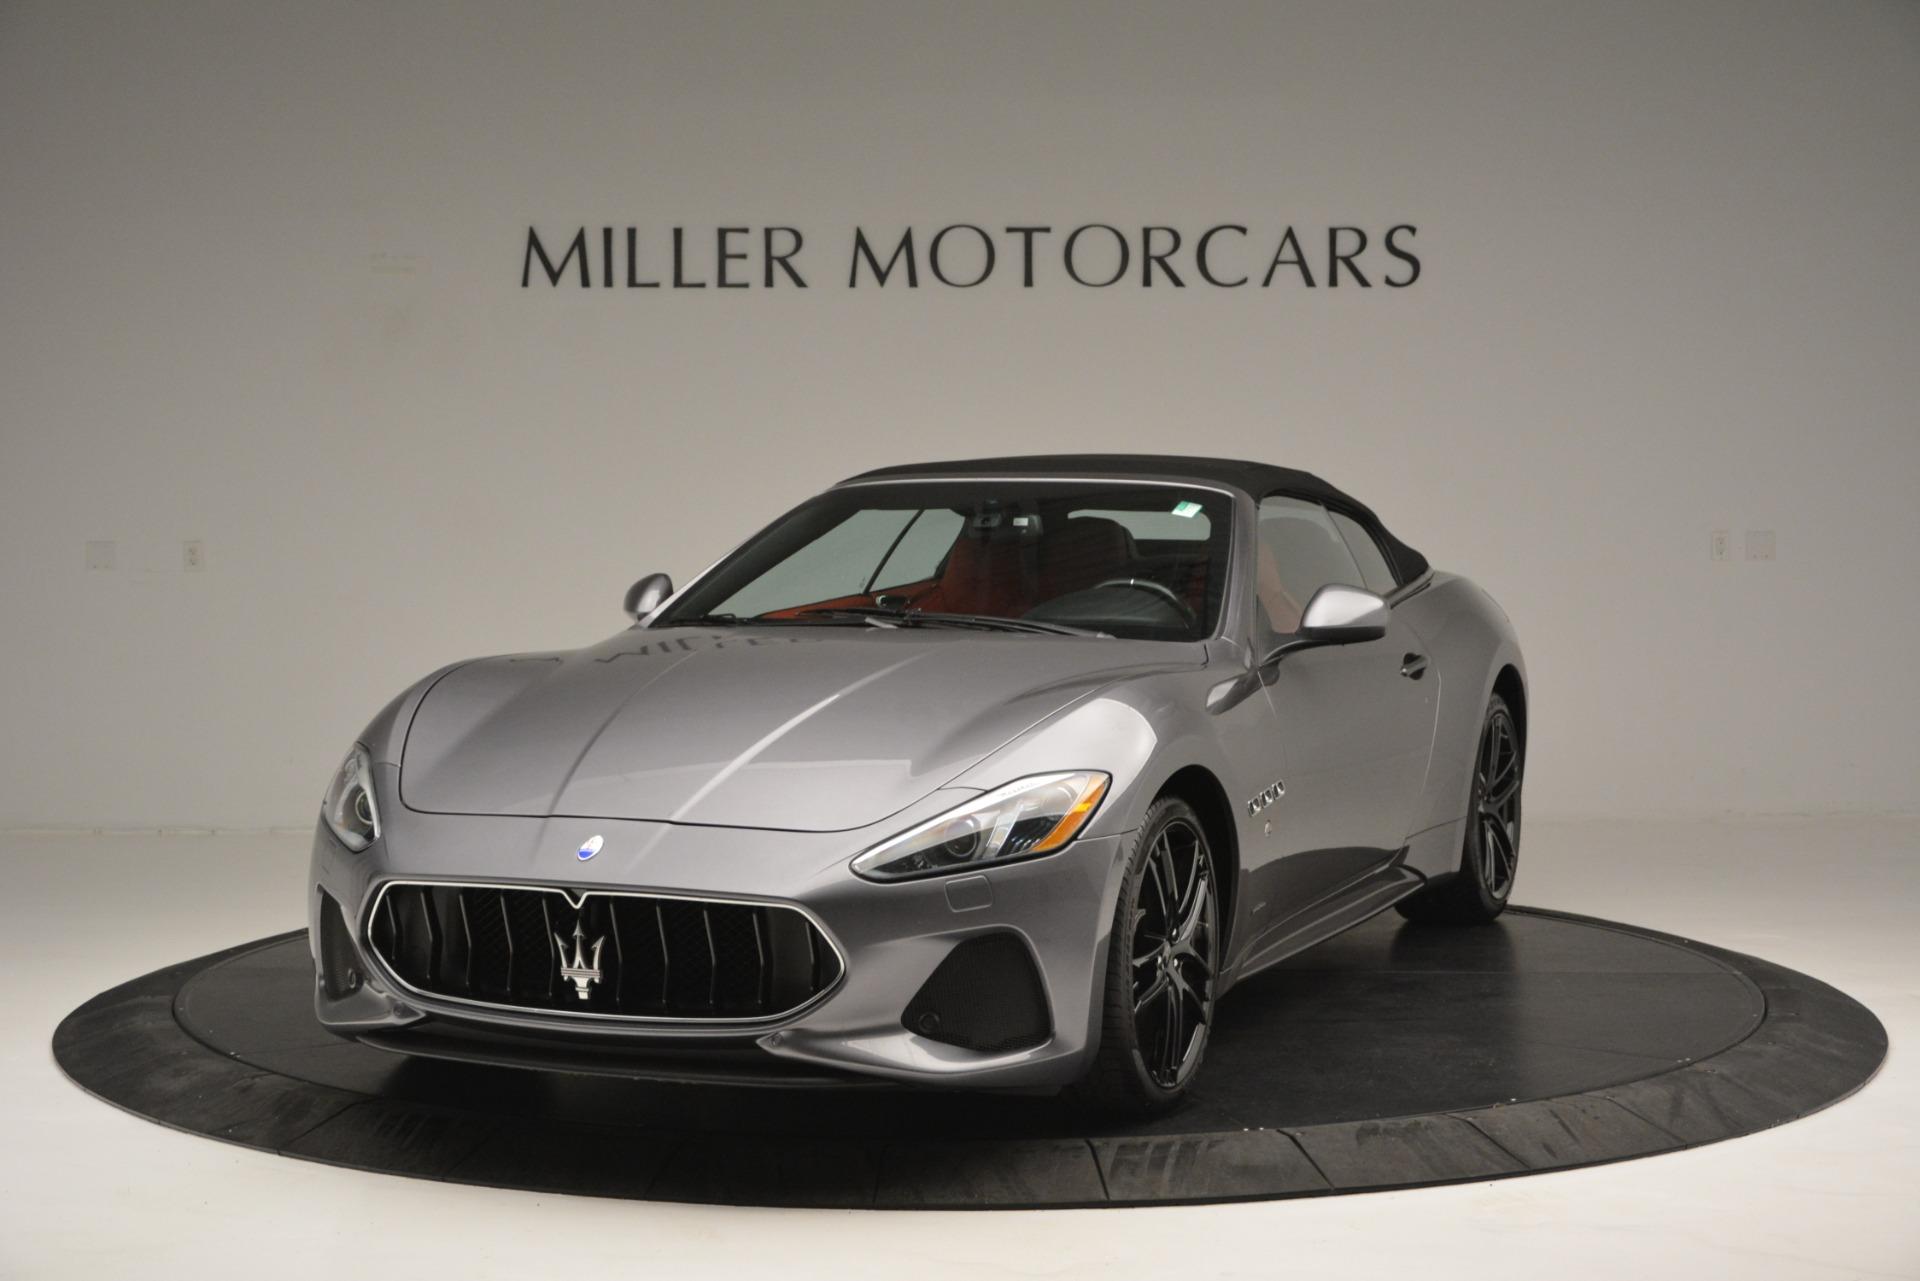 Used 2018 Maserati GranTurismo Sport For Sale In Greenwich, CT 2637_p10